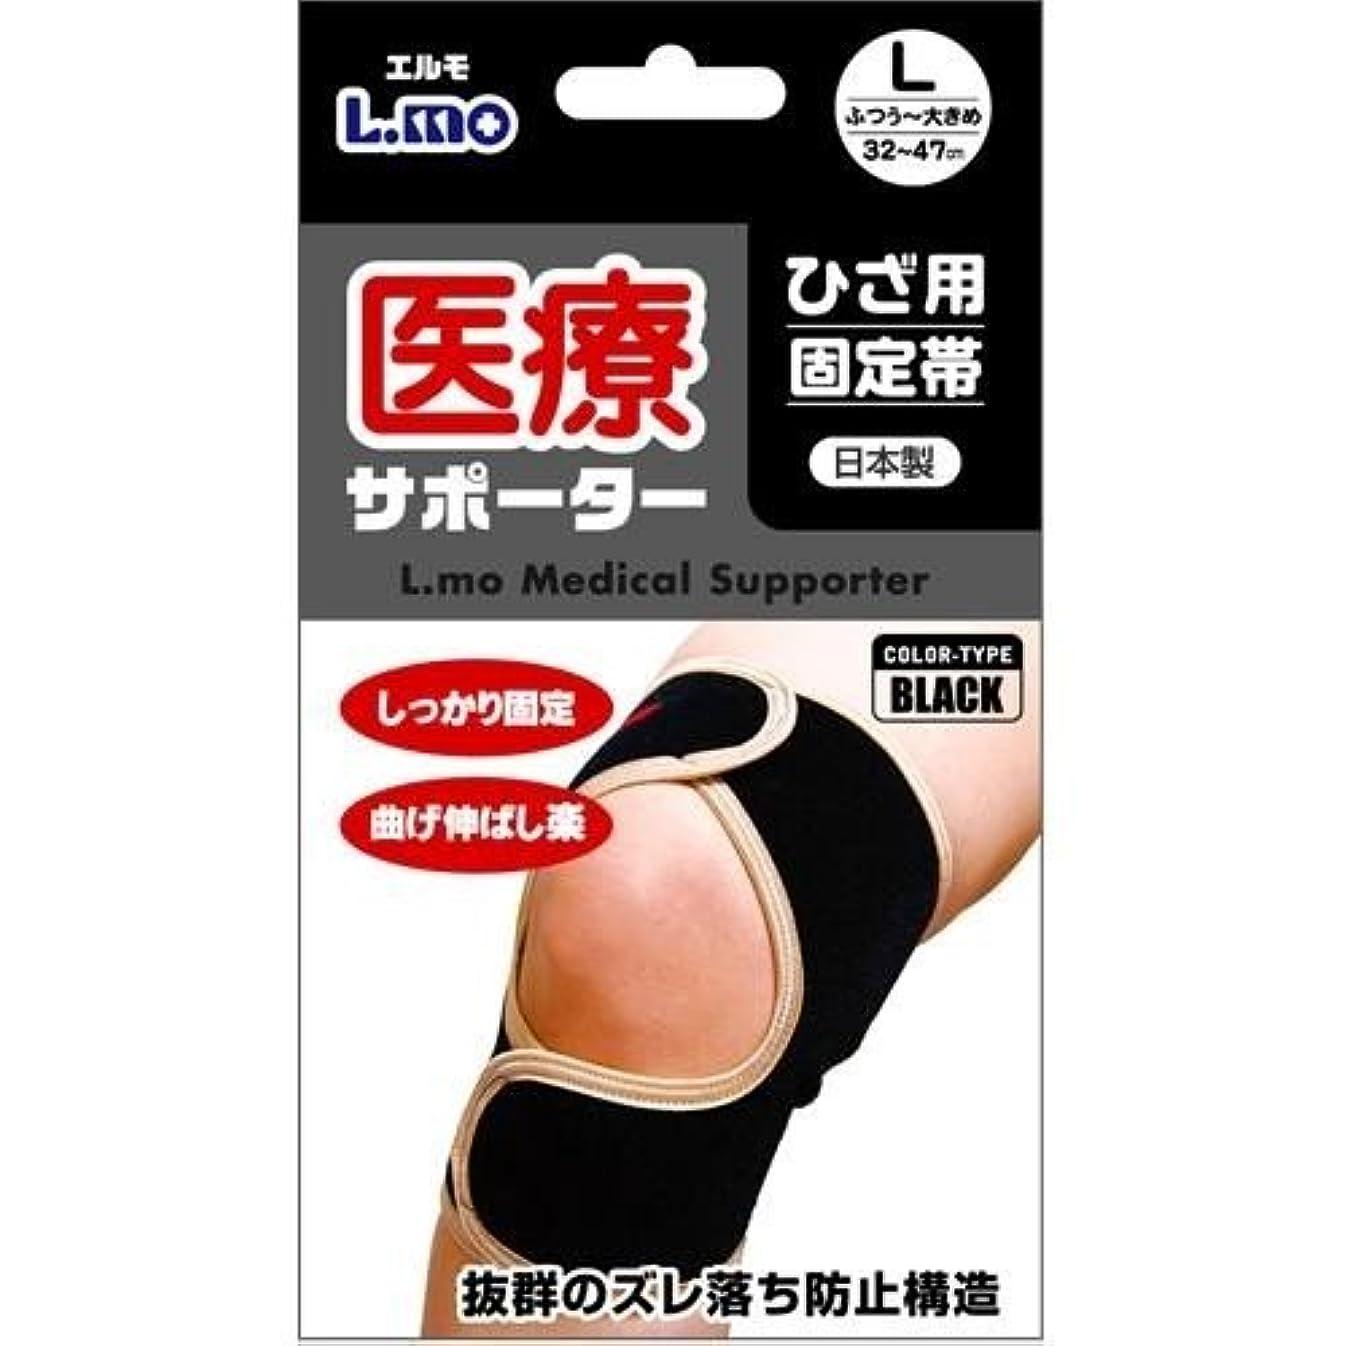 なんとなくメッシュ生命体エルモ医療サポーター ひざ用固定帯 ブラック ■2種類の内「Mサイズ?786492」を1点のみです